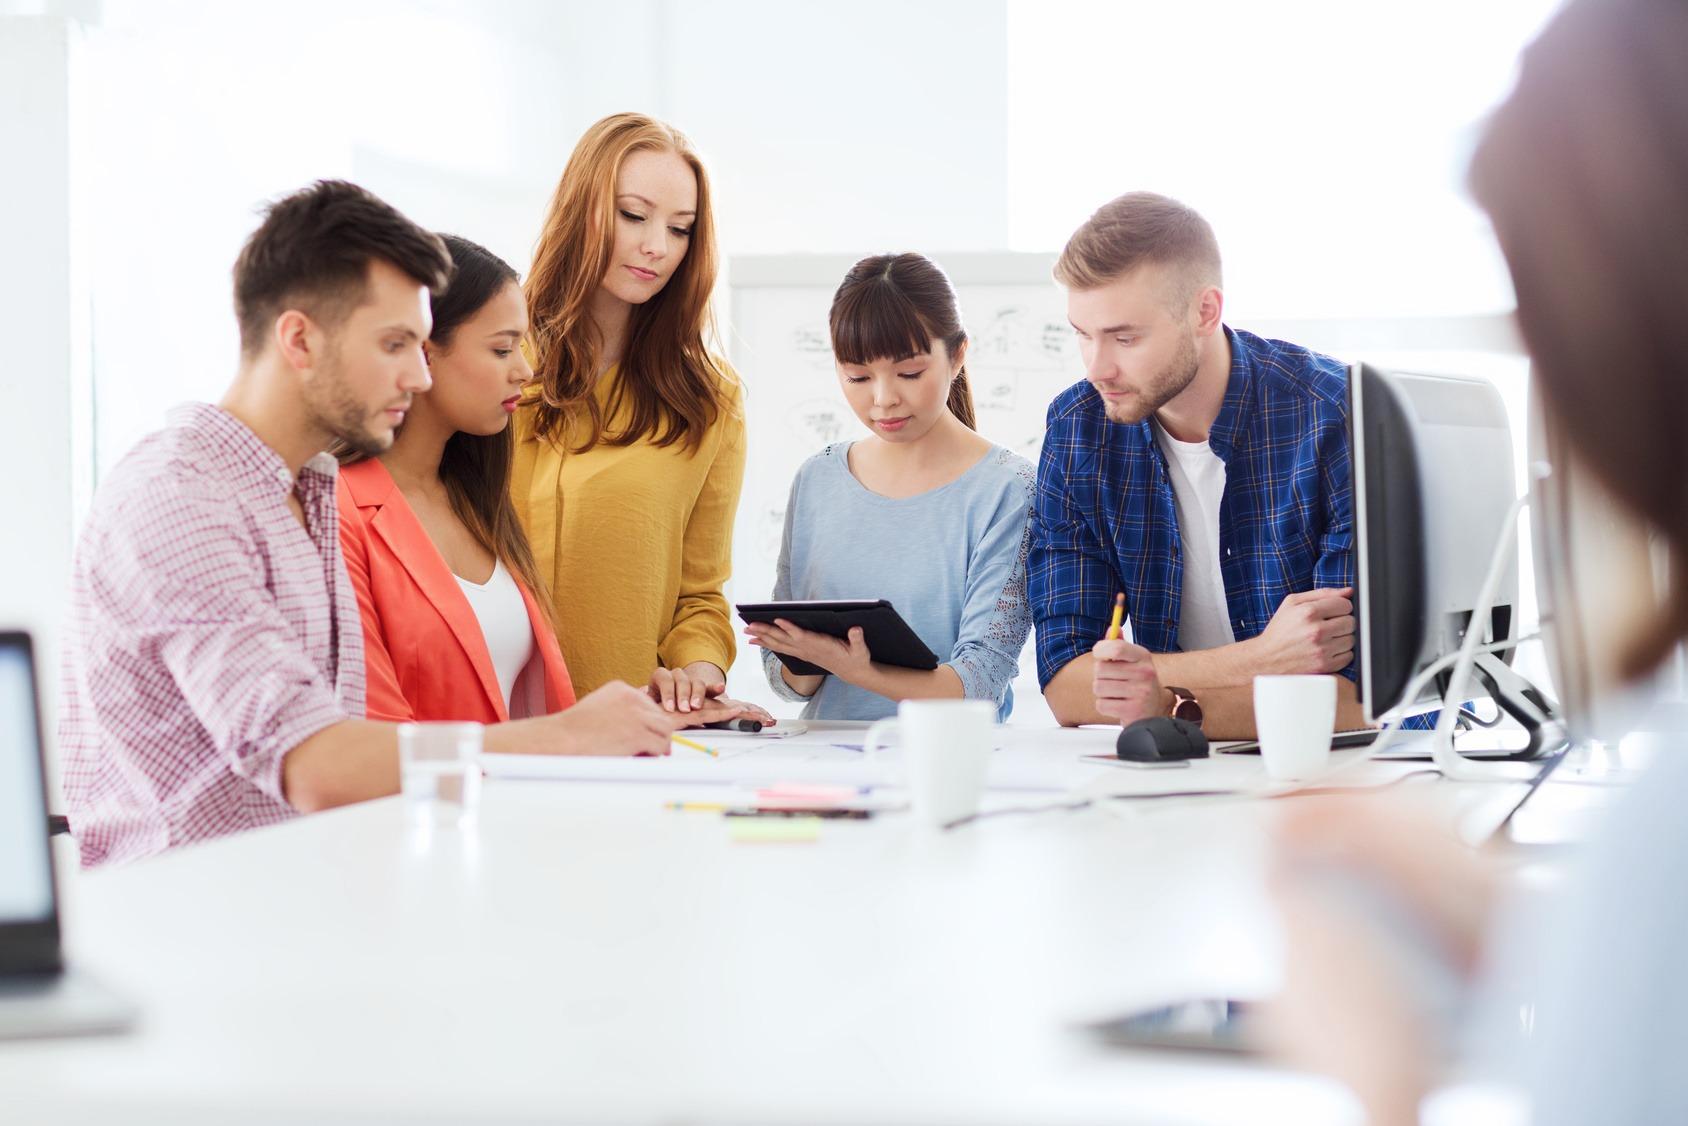 Fünf Studenten arbeiten konzentriert an zusammen.